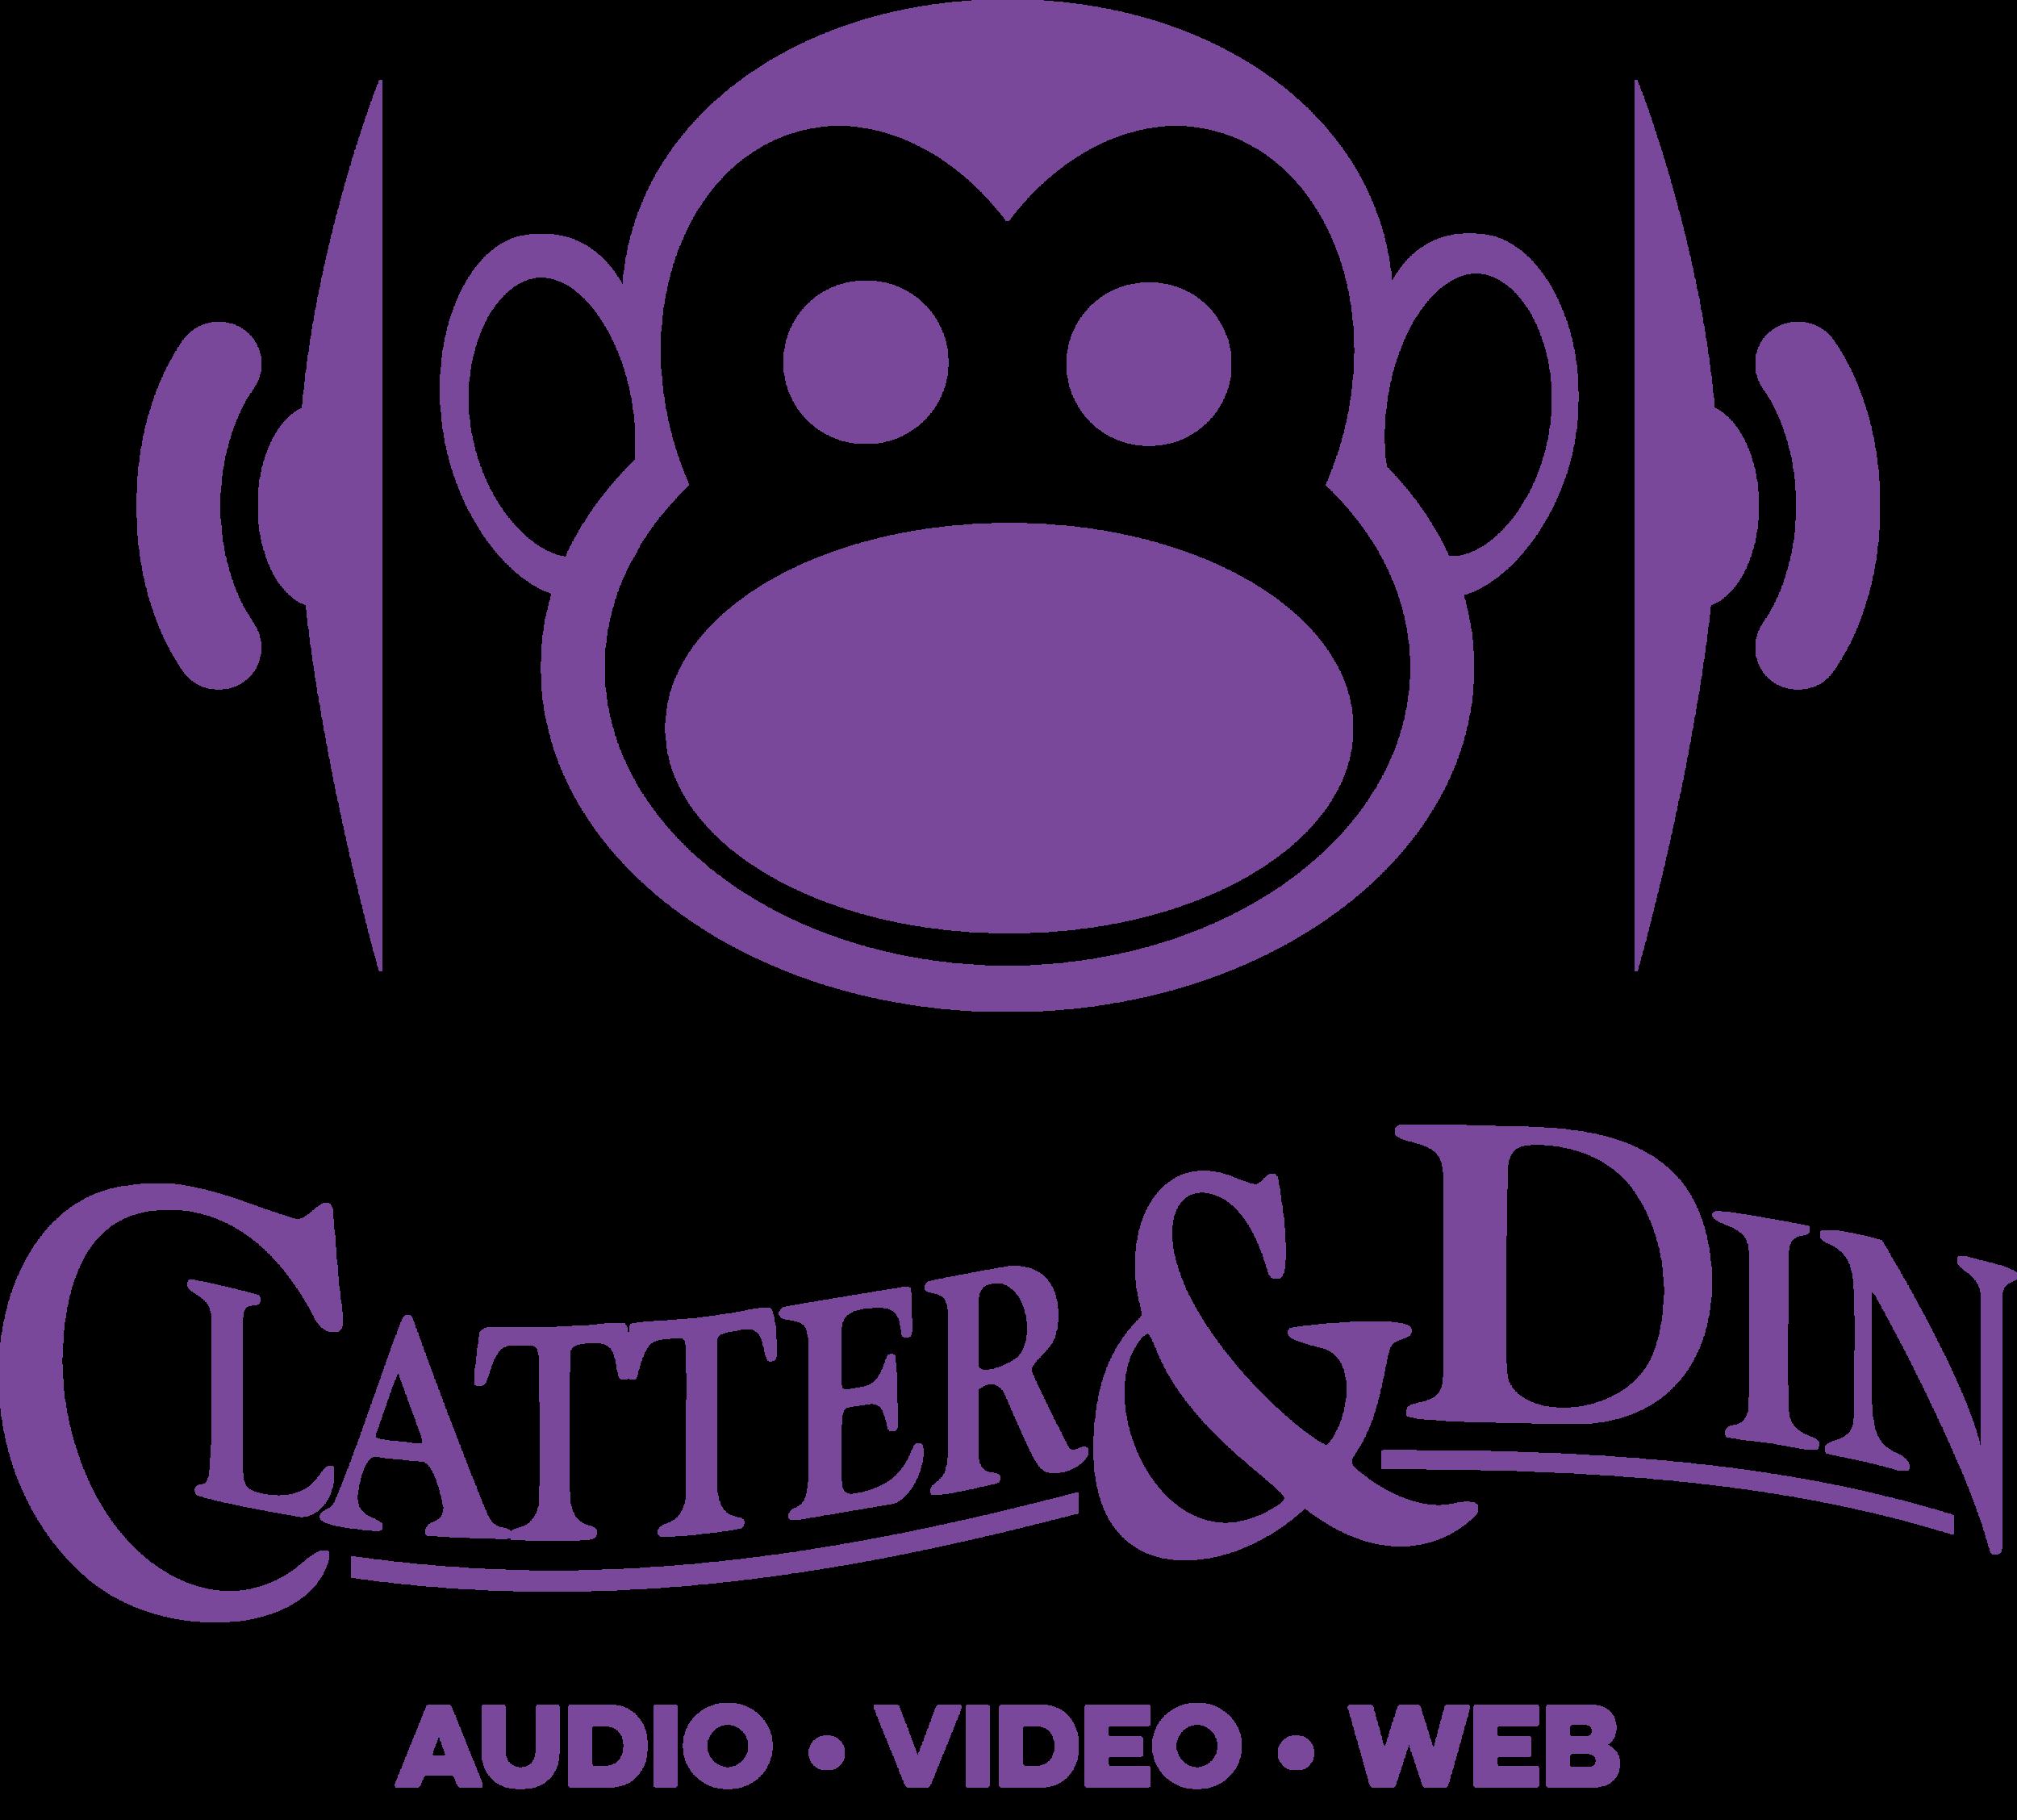 Clatter Din logo 300k.png